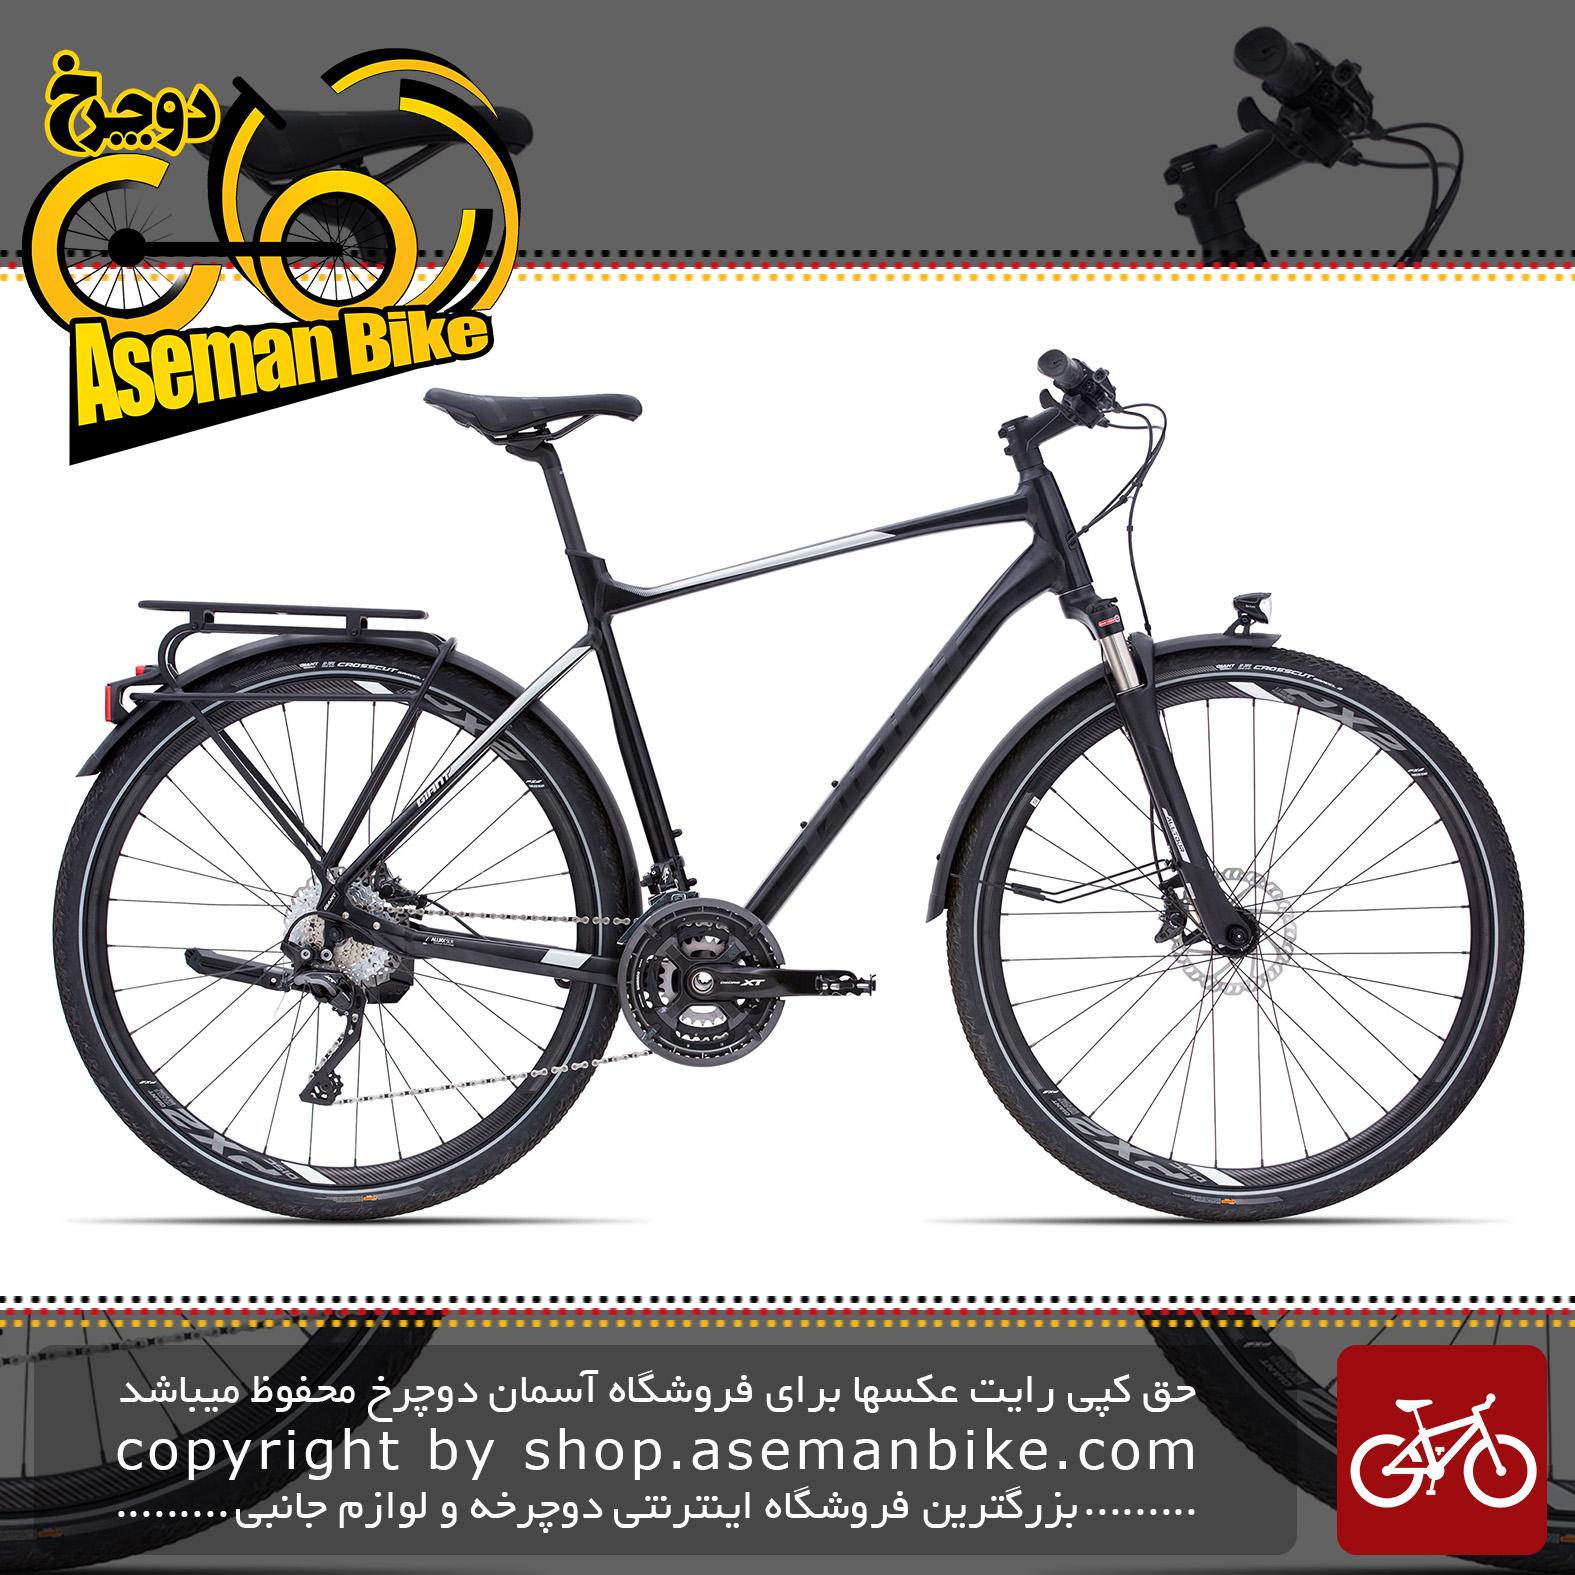 دوچرخه توریستی شهری حرفه ای کربن جاینتGaint AllTour SLR 0